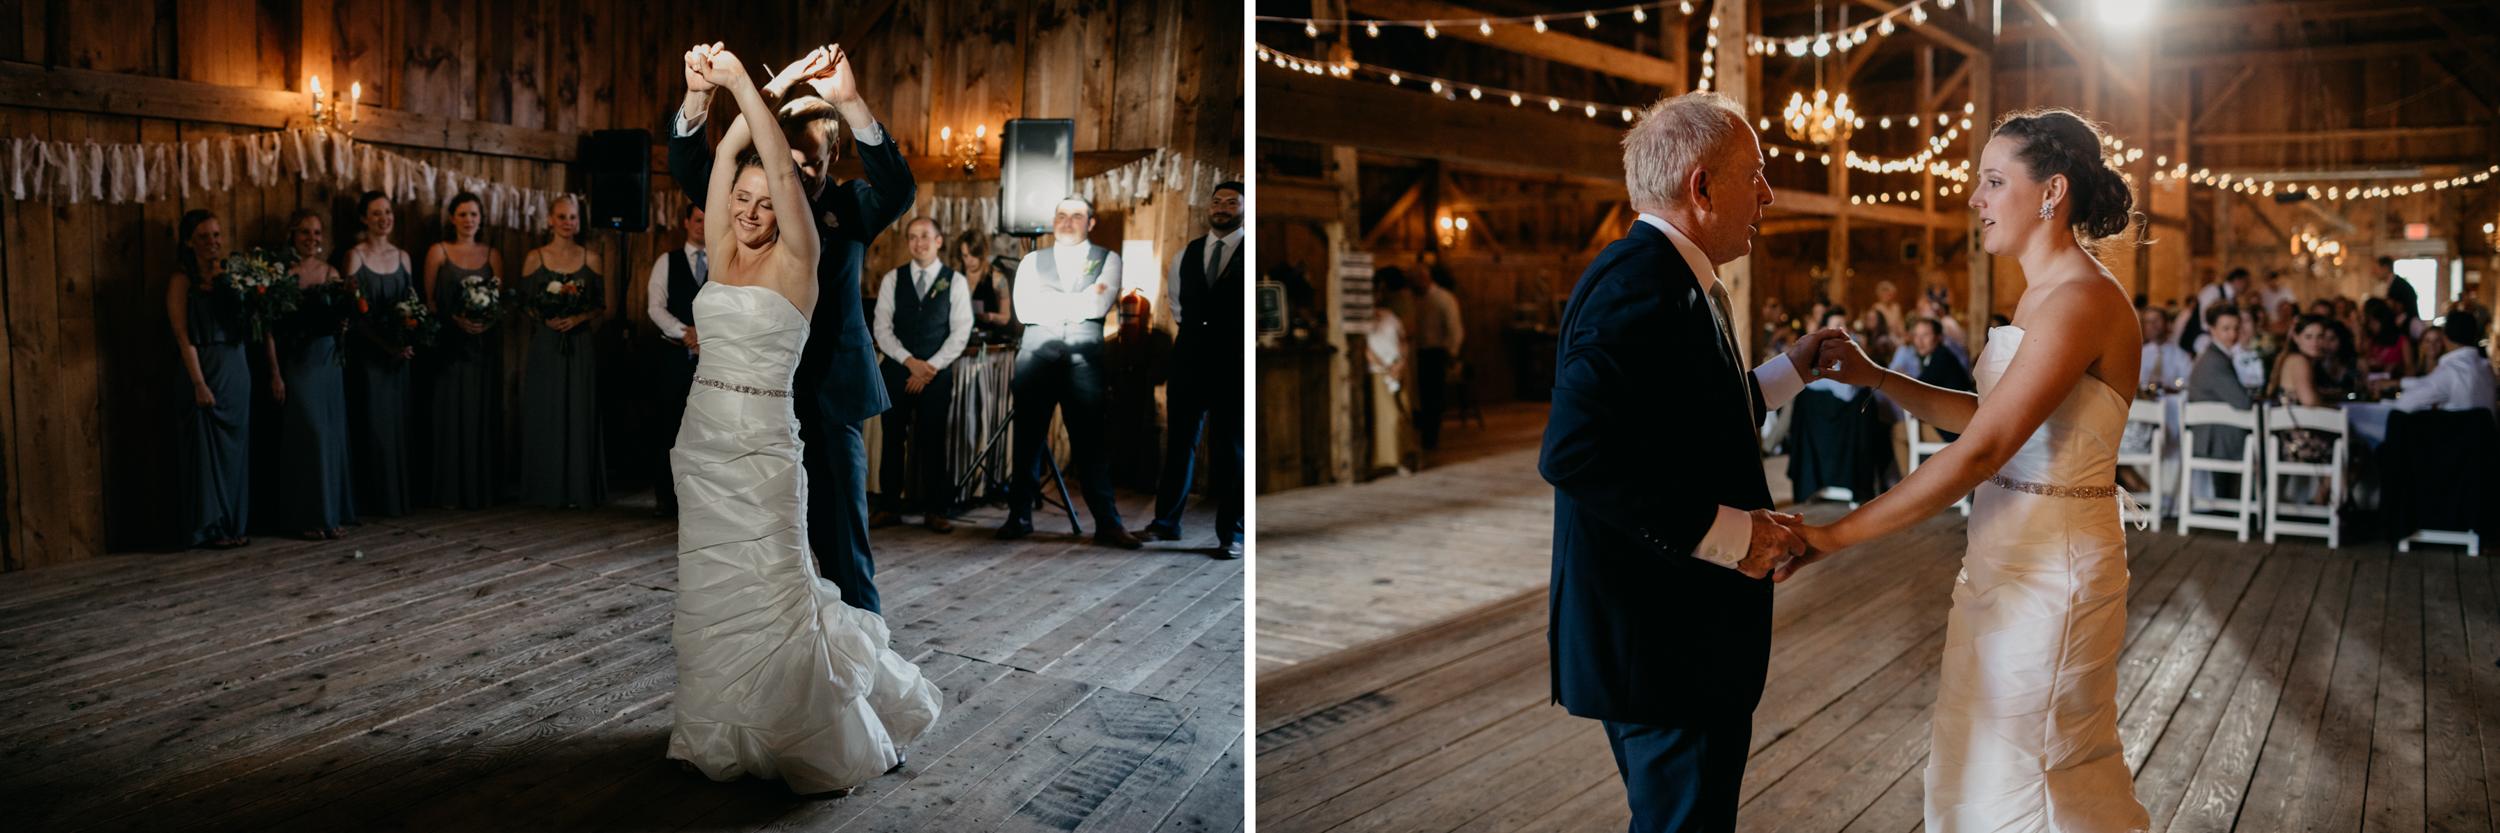 Jessie_Erik_Pownal_Maine_Wedding_William_allen_farm_041.jpg